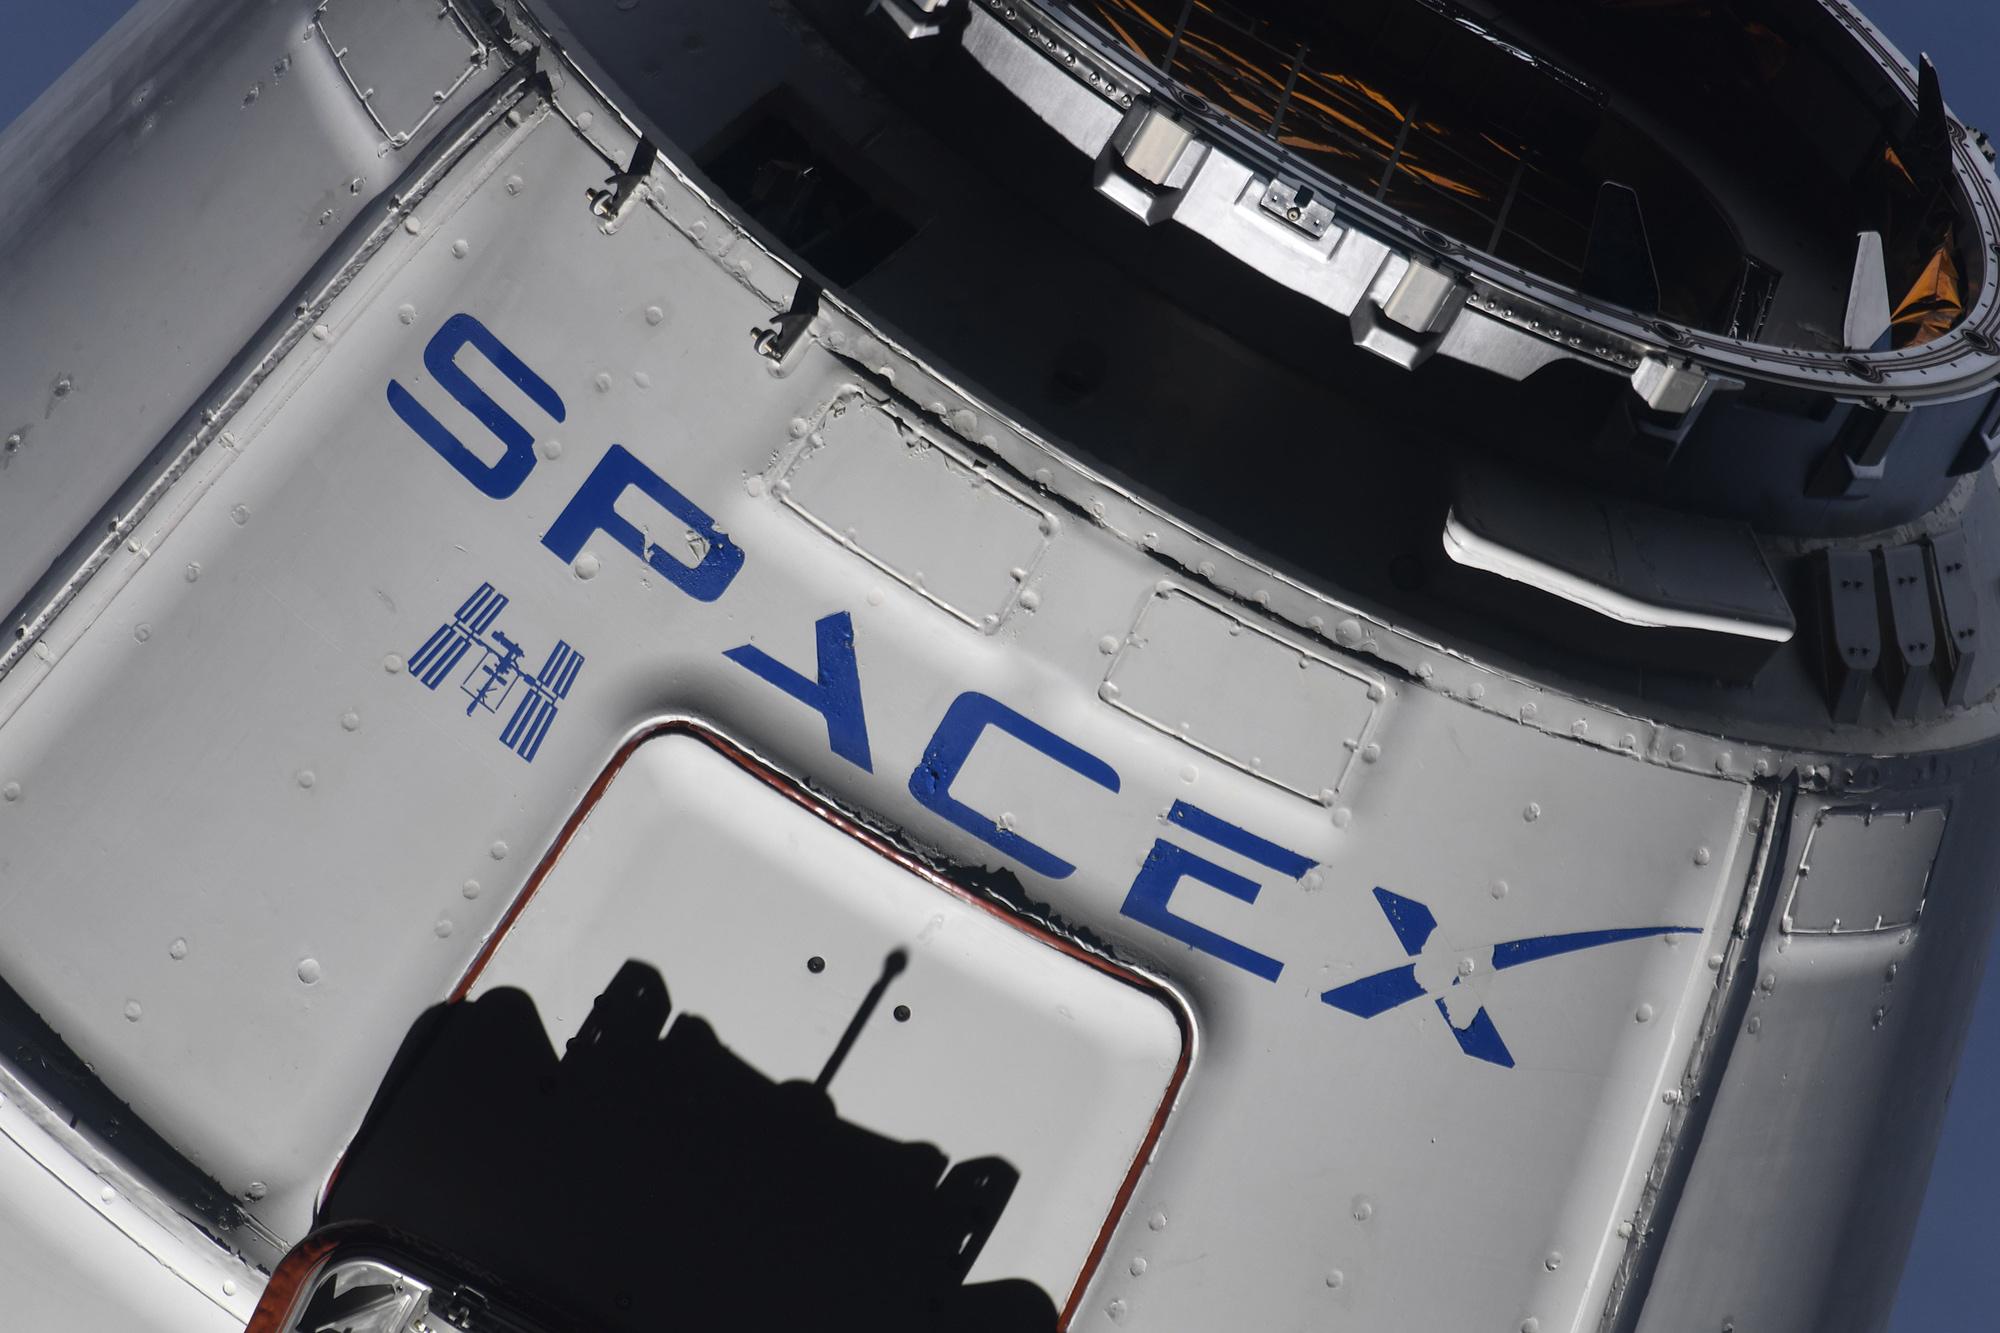 CRS-15 ISS arrival 070218 (Oleg Artemiev) 7